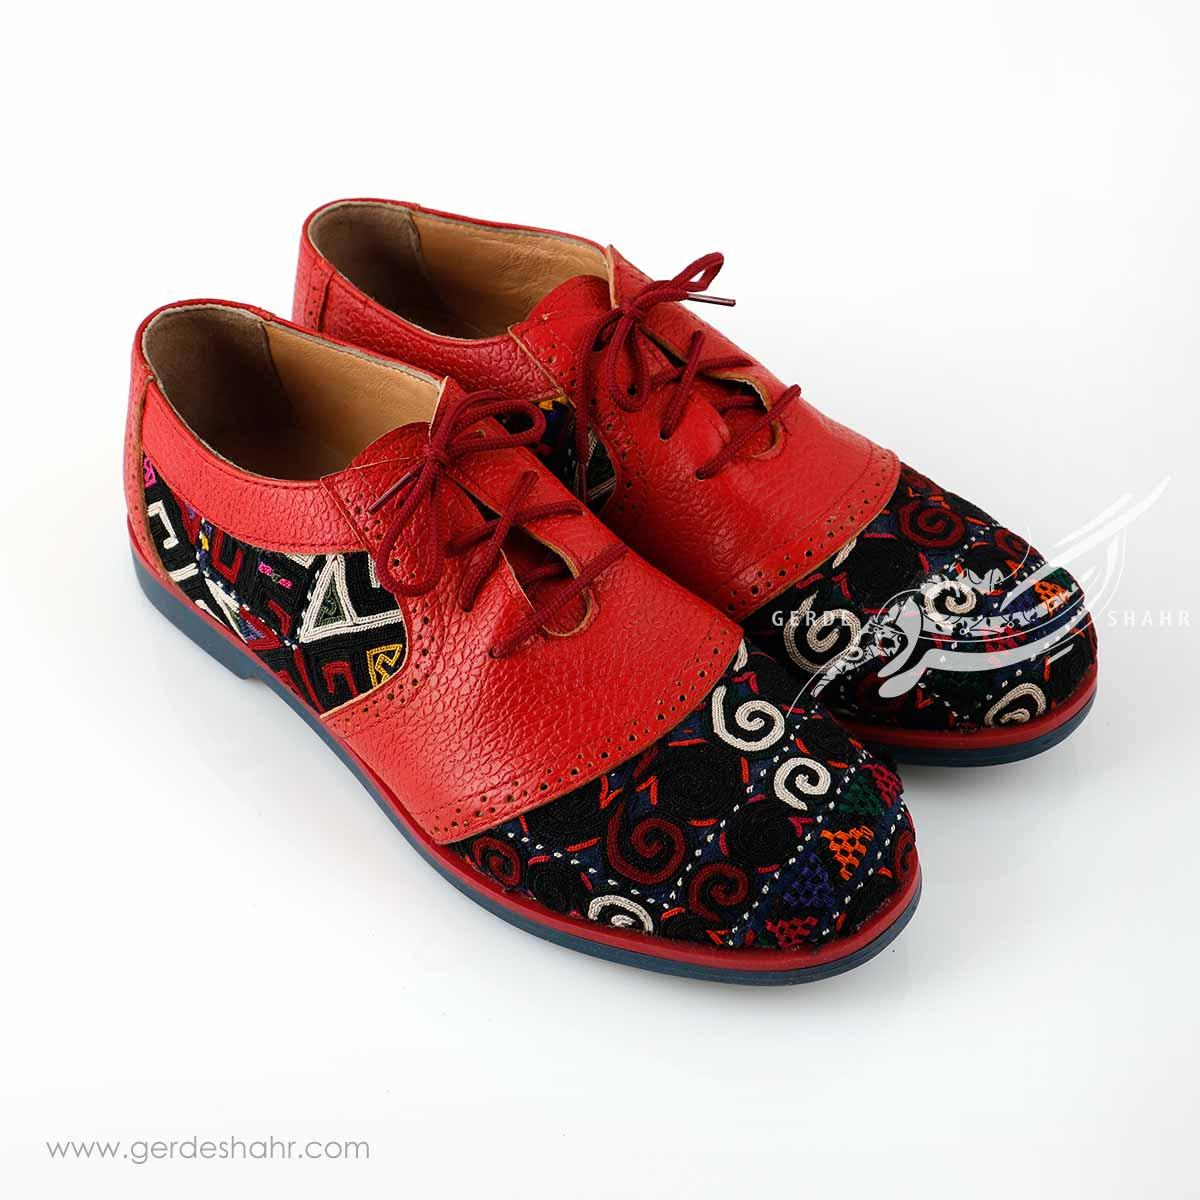 کفش چرمی دست دوز سوزندوزی قرمز سایز 40 چاوان گنجه رخت